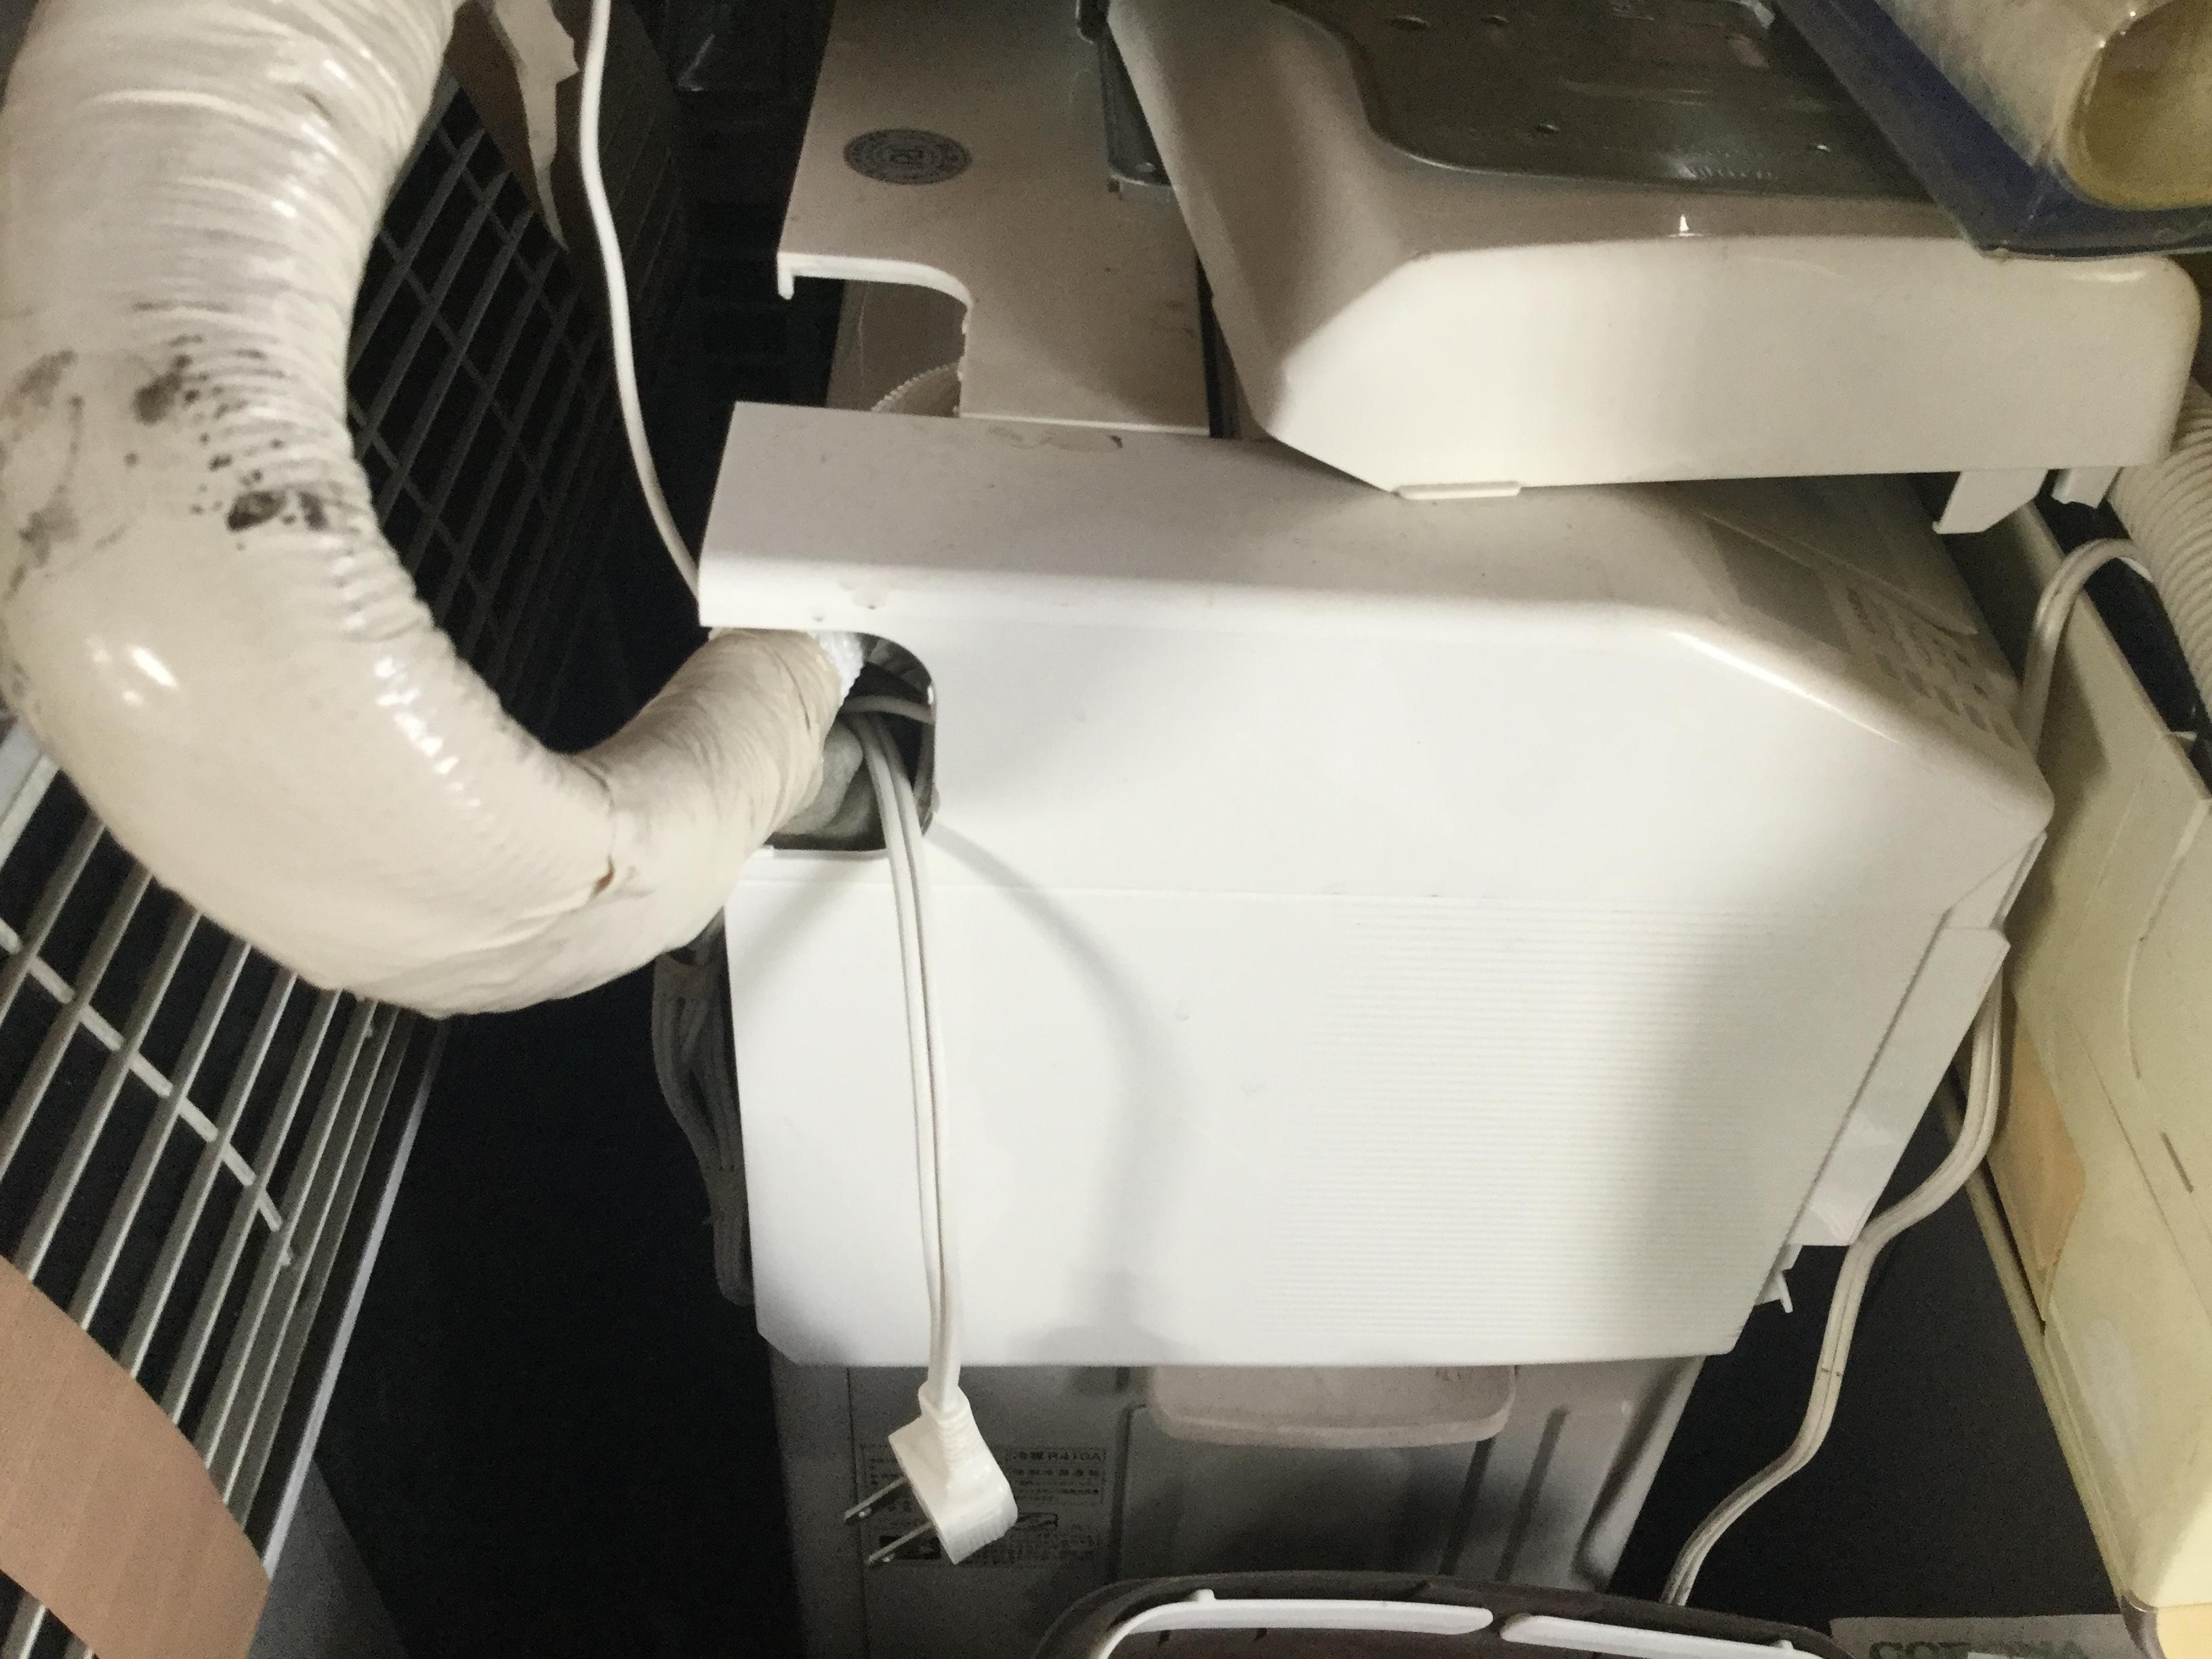 岡山市北区で不用品回収・処分したエアコン